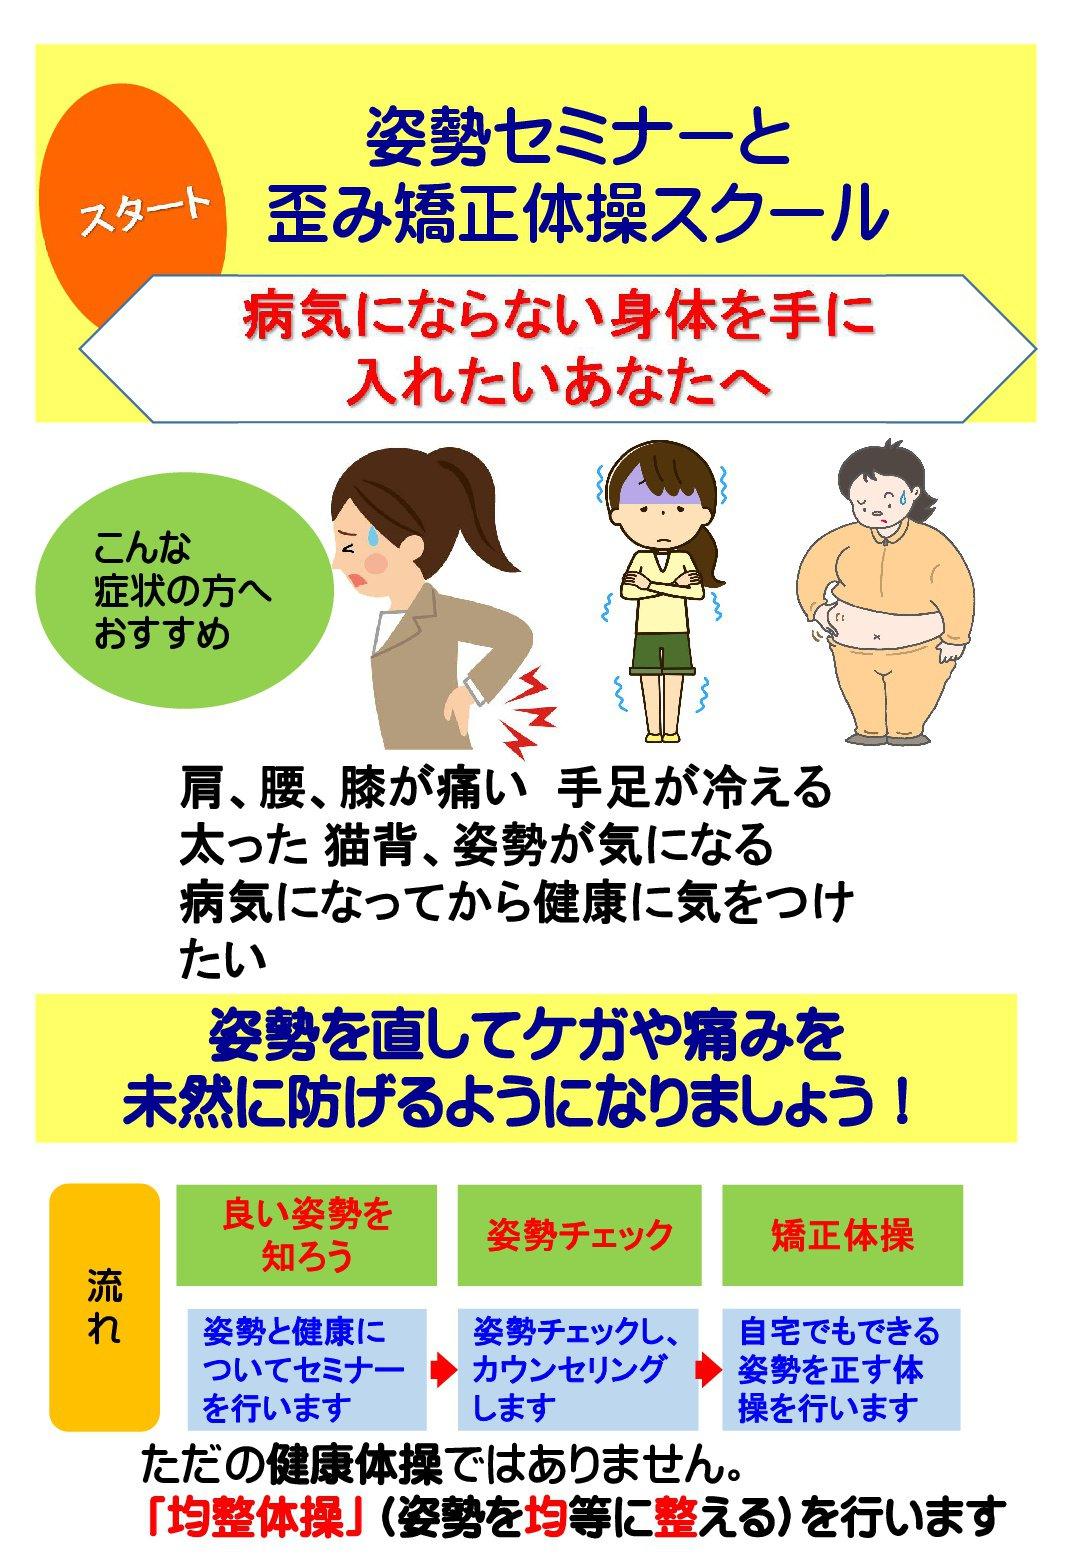 「姿勢セミナーと歪み矯正体操スクール」ウェブチケットのイメージその1